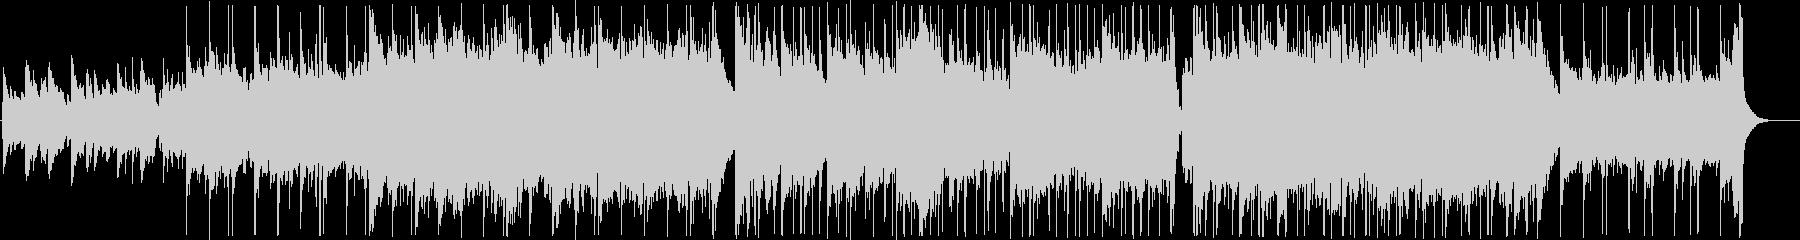 ピアノストリングスの癒しBGMの未再生の波形